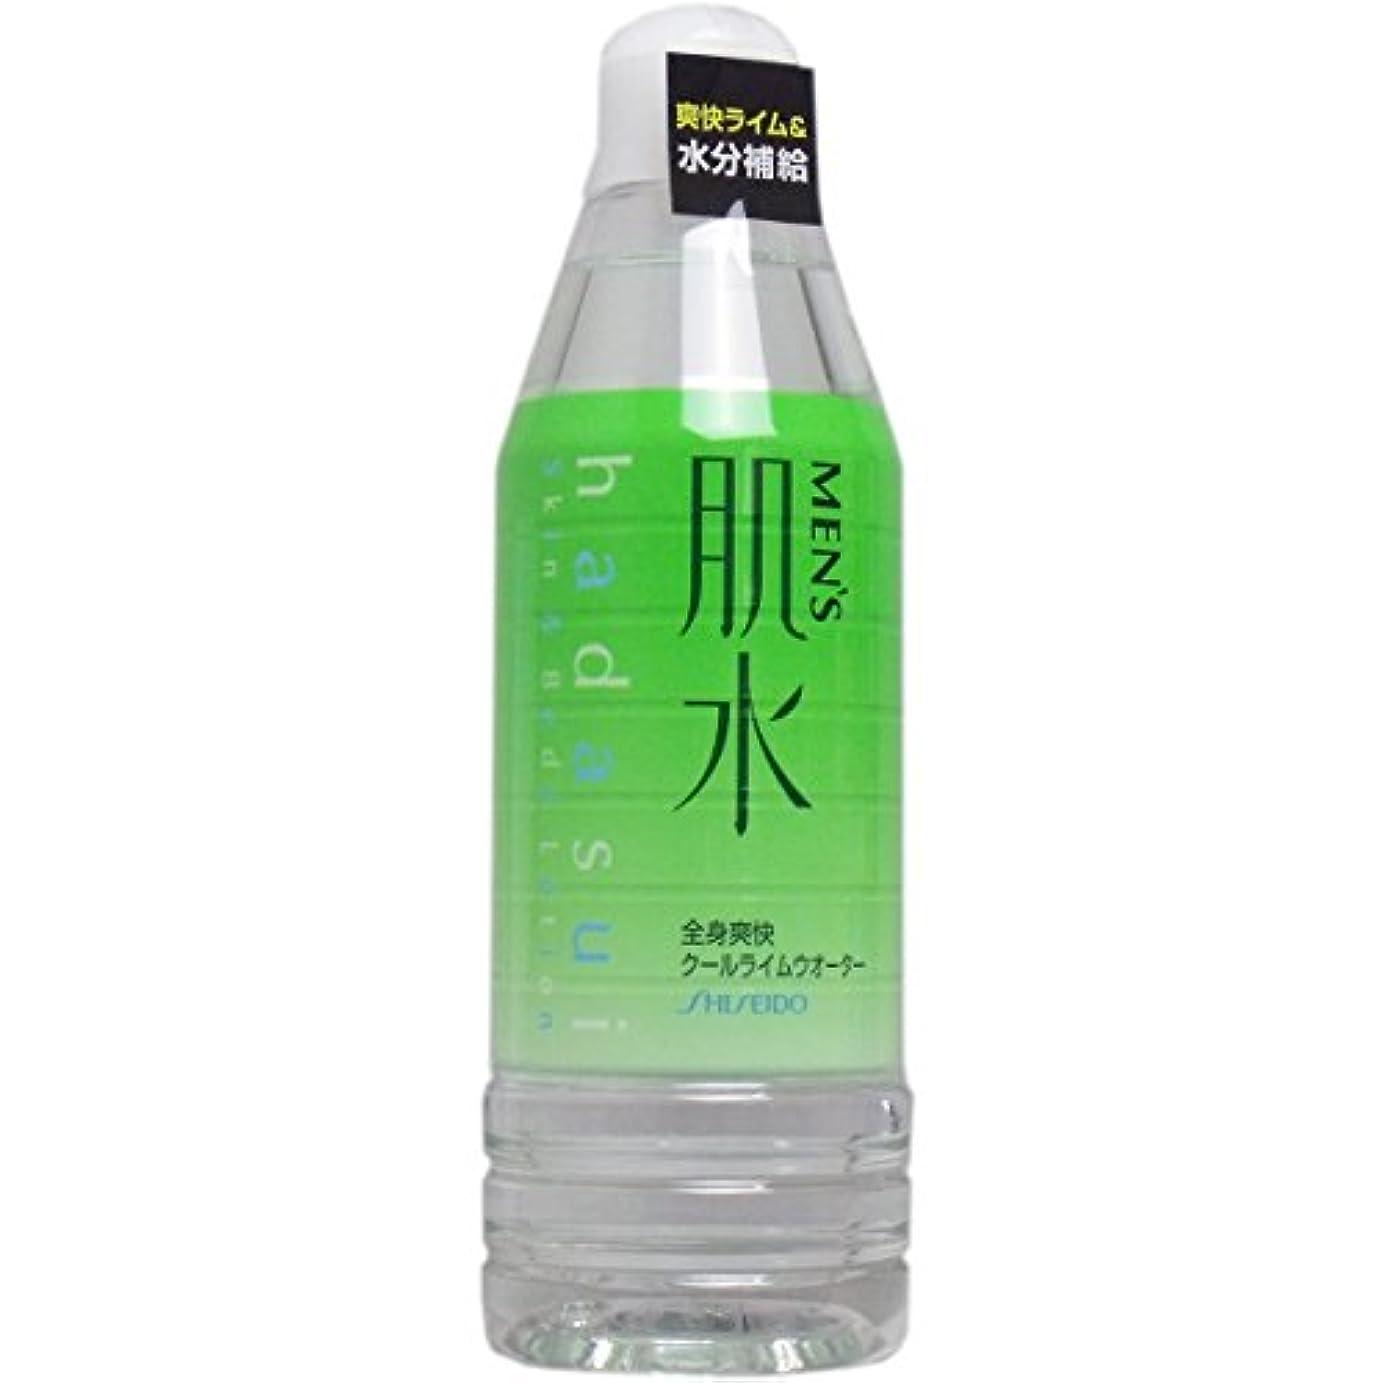 保全微妙株式会社メンズ肌水 ボトルタイプ 400ml